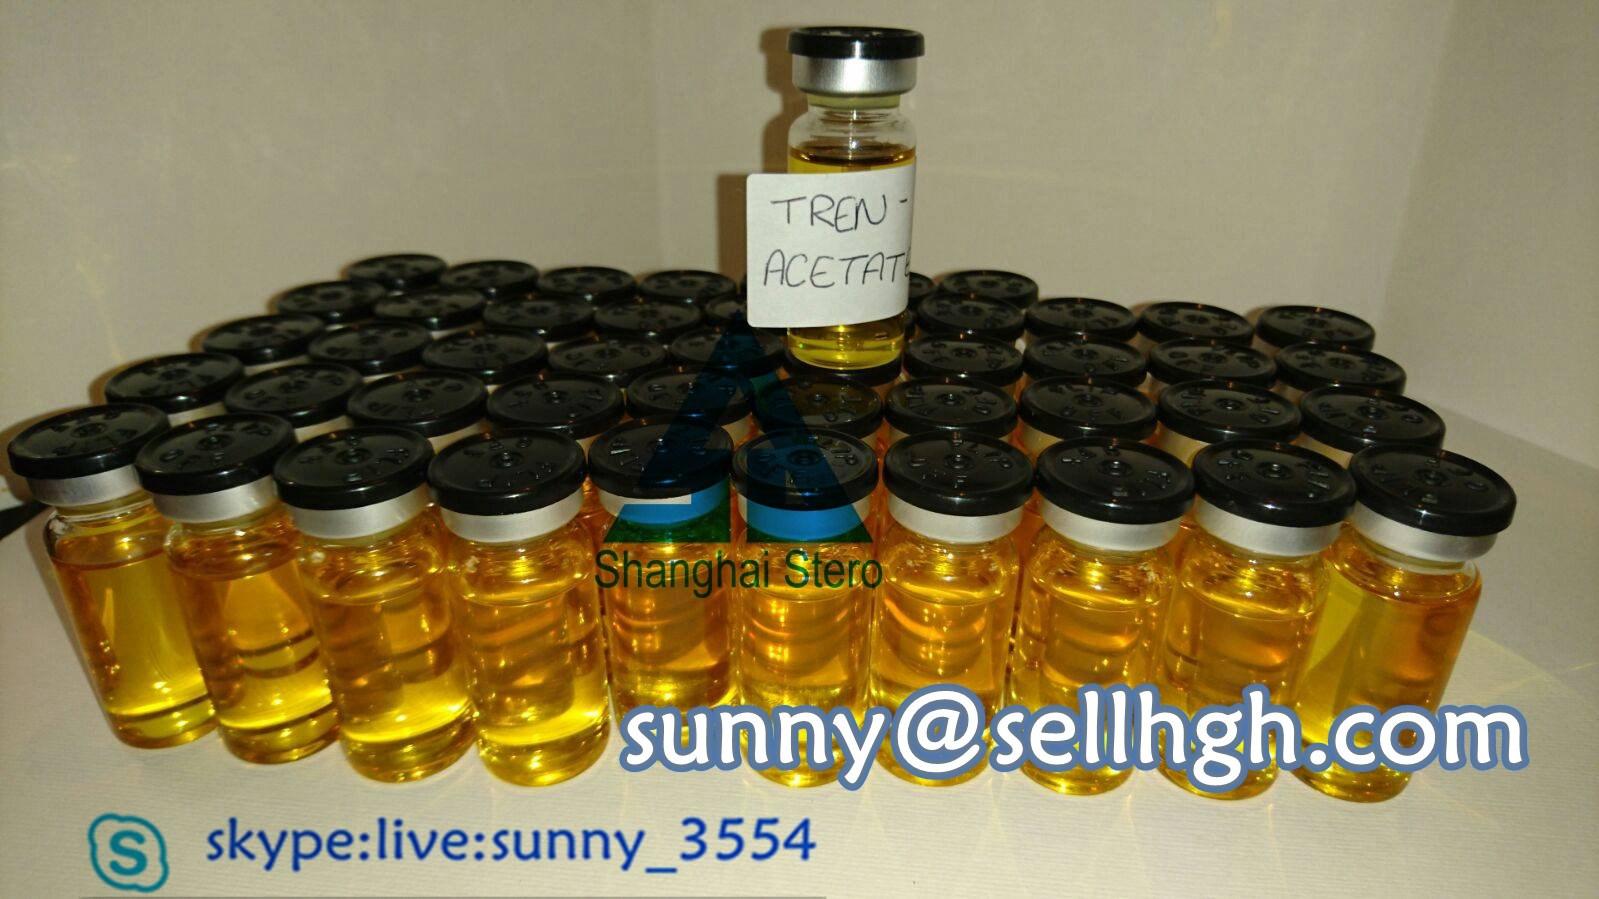 Anabolic Steroids Tren Acetate Hormone Liquids Trenbolone Acetate for Bodybuilding